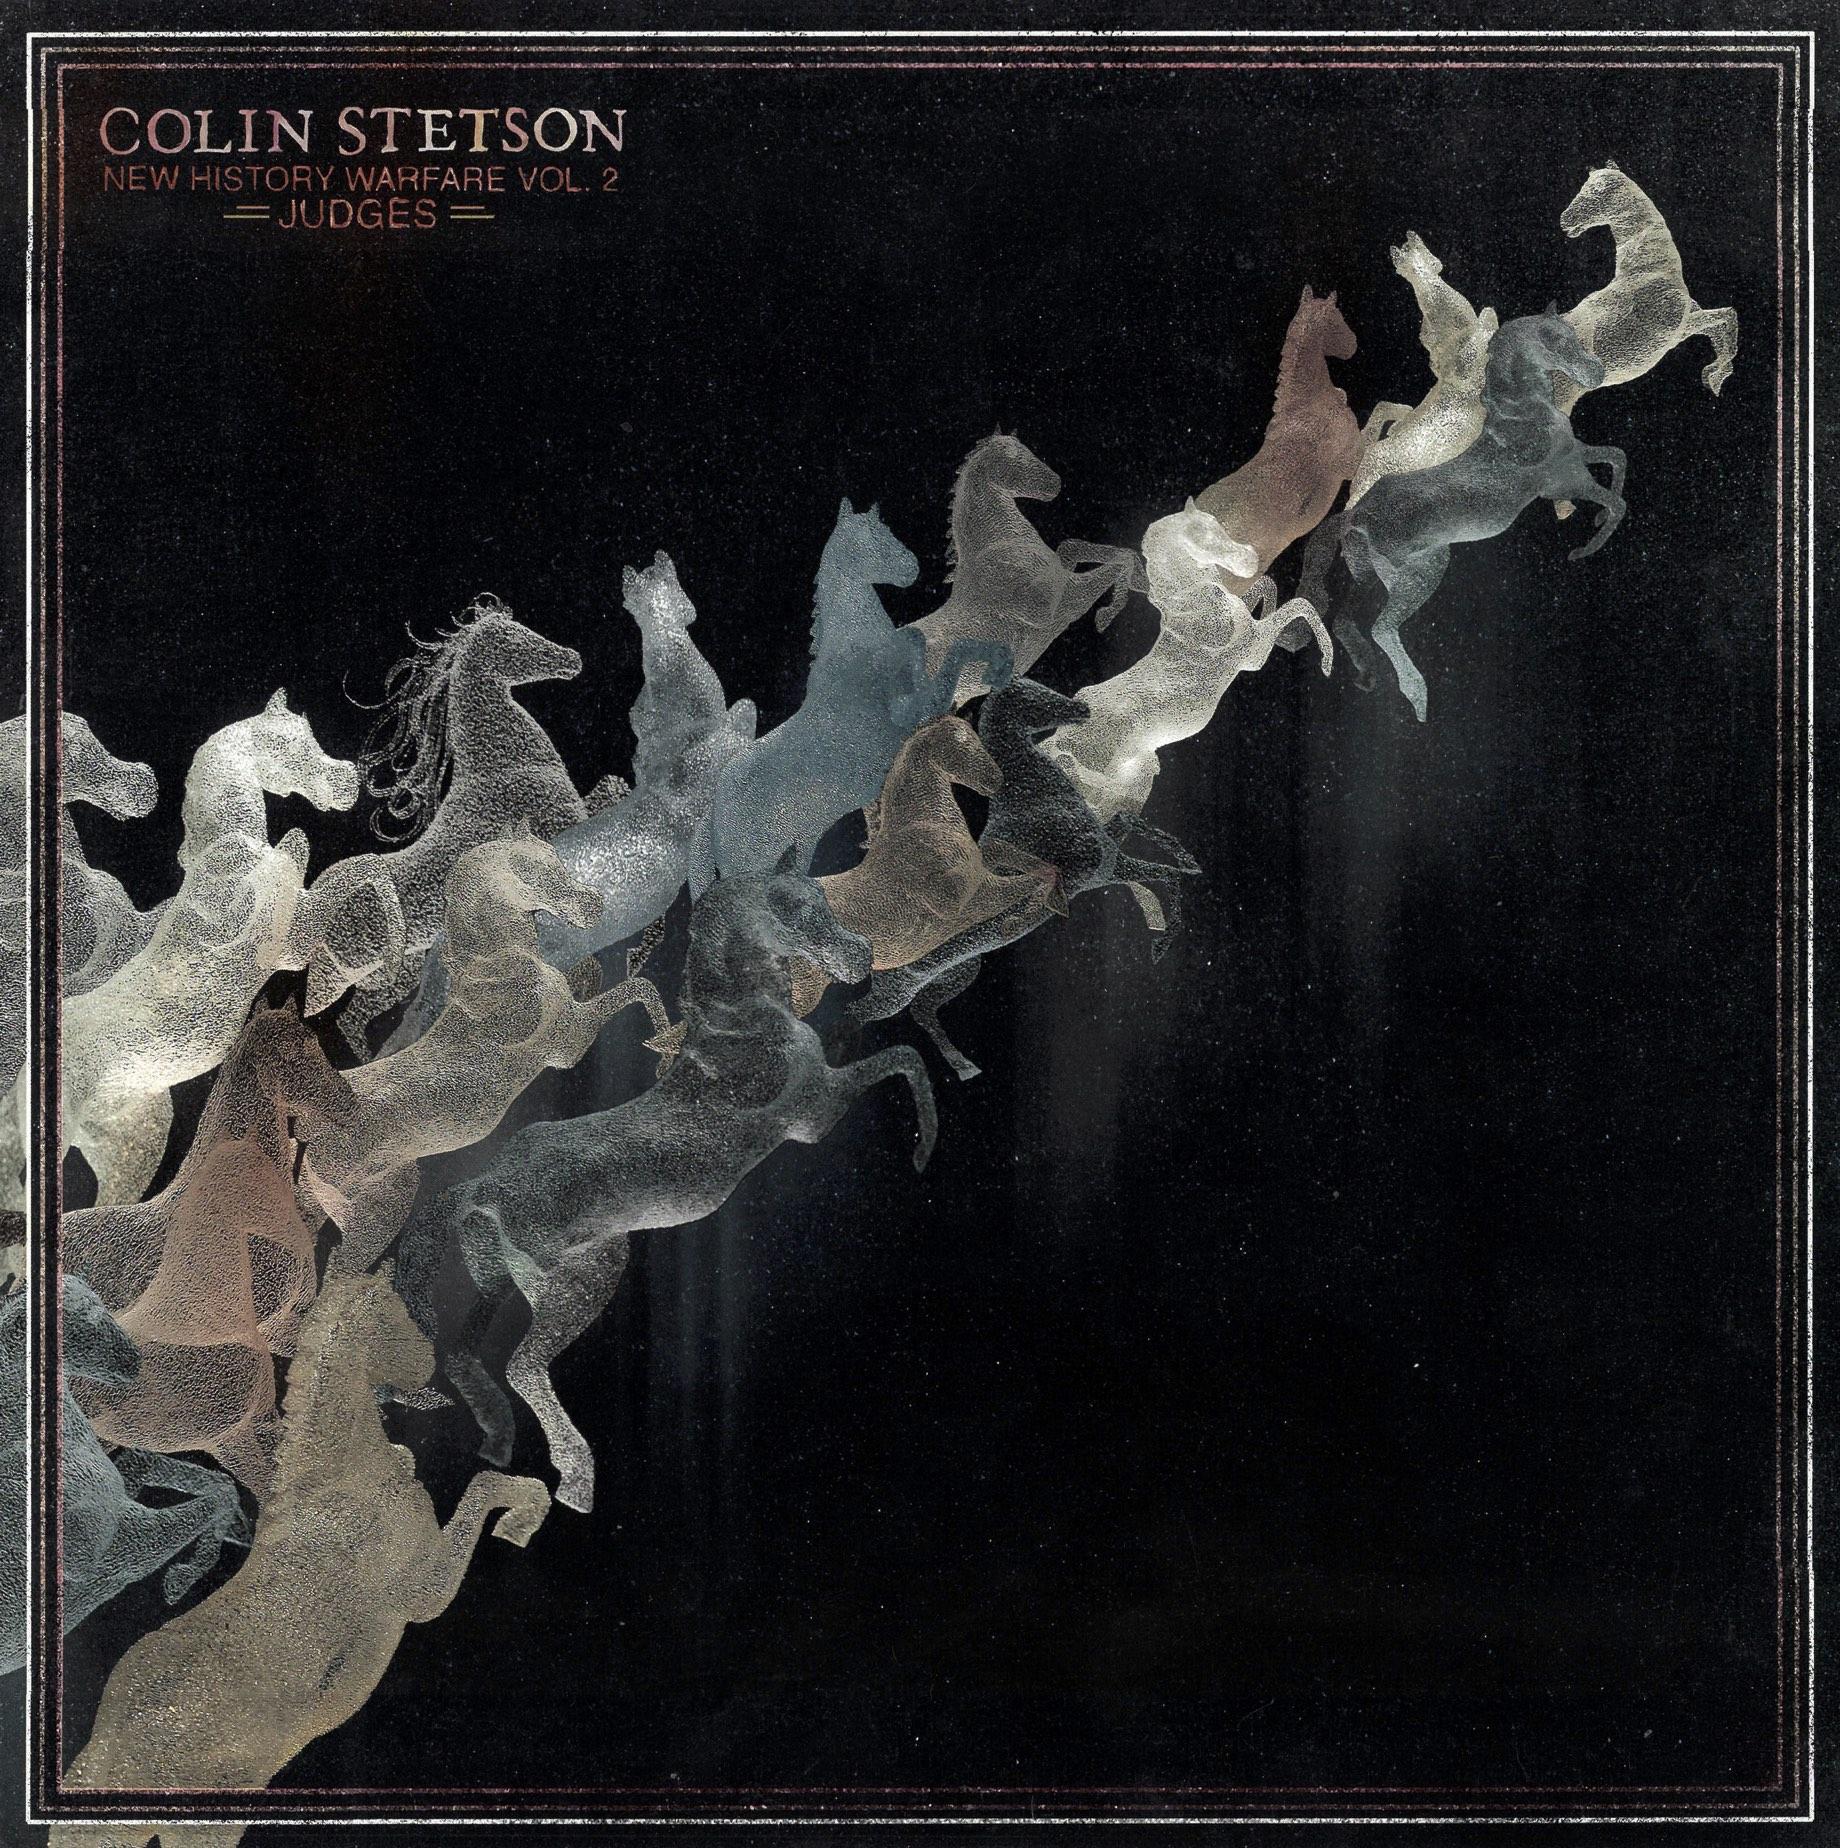 2011 - Colin Stetson